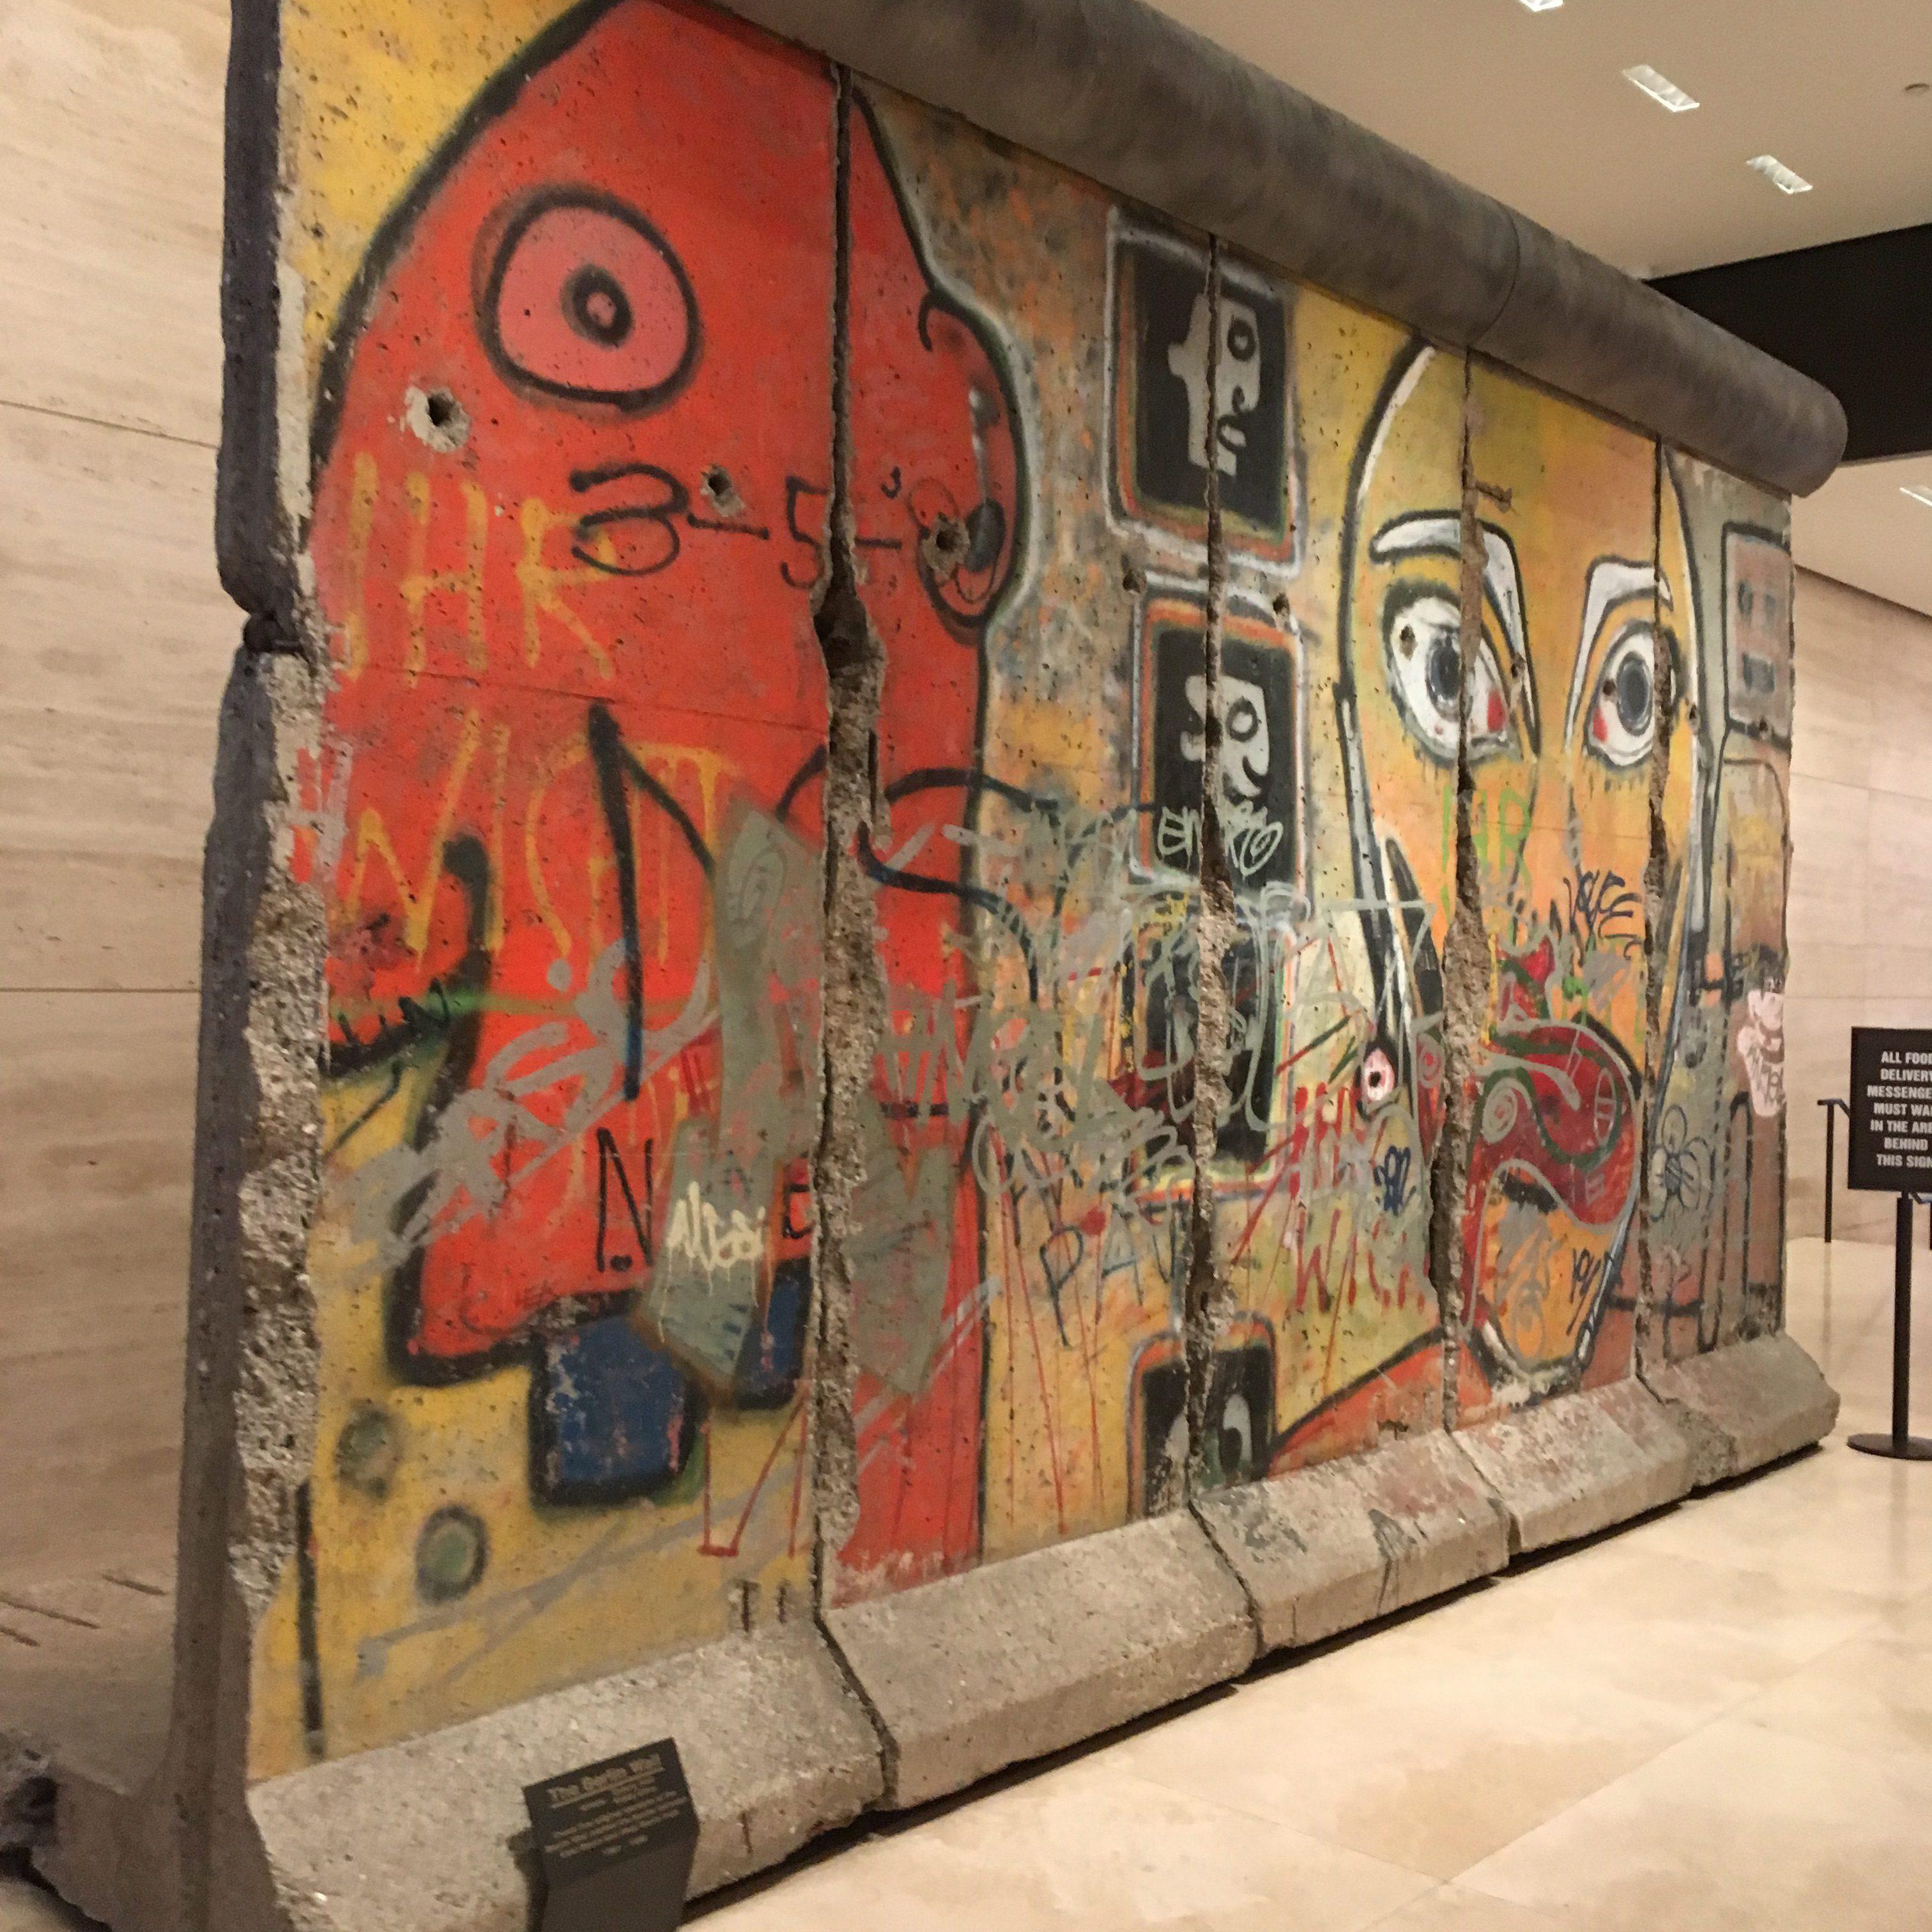 De Berlijnse Muur in New York bezoeken